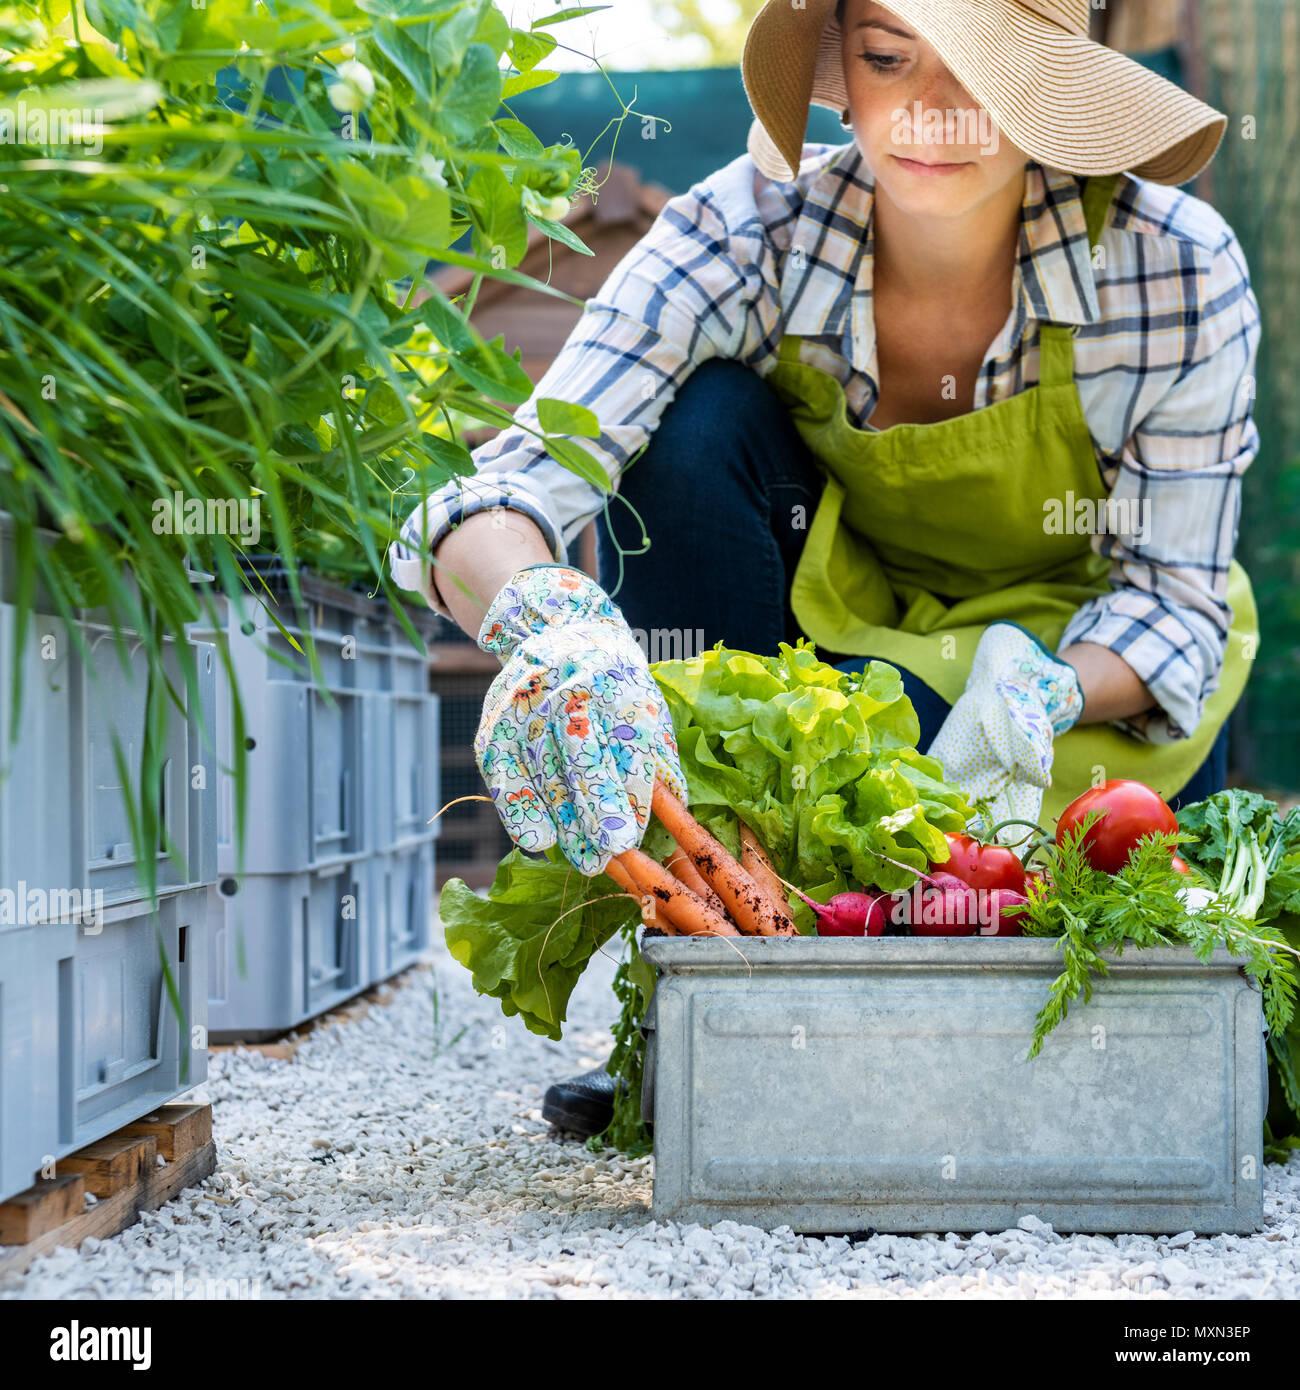 Schöne junge Frau Bauer mit frisch geernteten Gemüse in Ihrem Garten. Homegrown bio produzieren Konzept. Inhaber kleiner Unternehmen. Nachhaltige Landwirtschaft. Stockbild